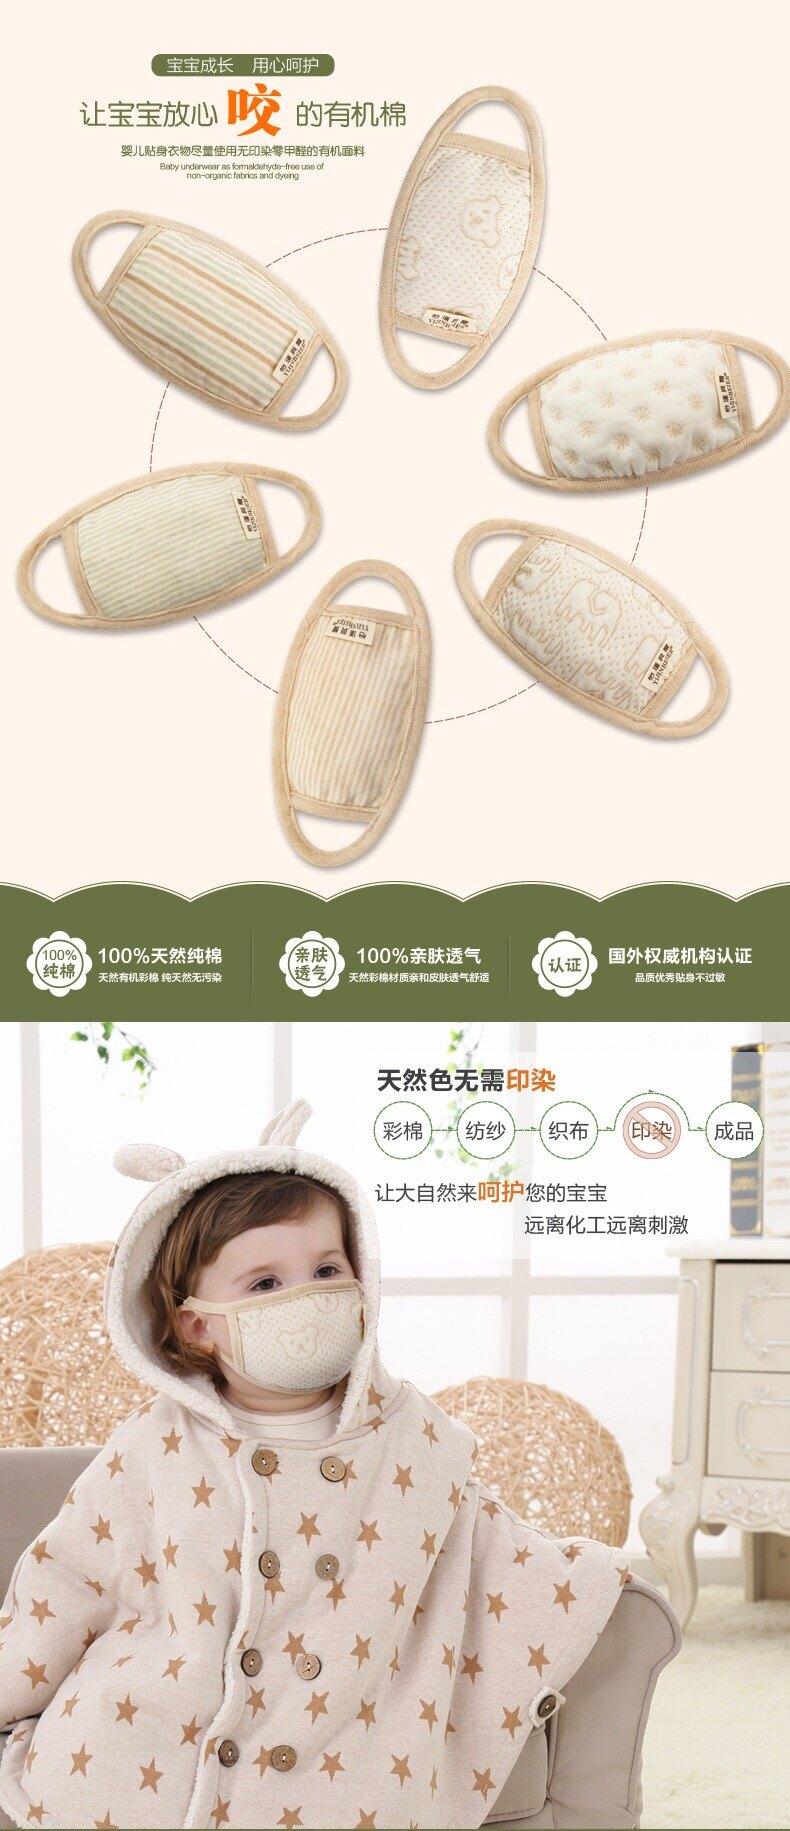 兒童口罩 全棉透氣嬰兒口罩 天然彩棉口罩 可水洗全棉透氣A類